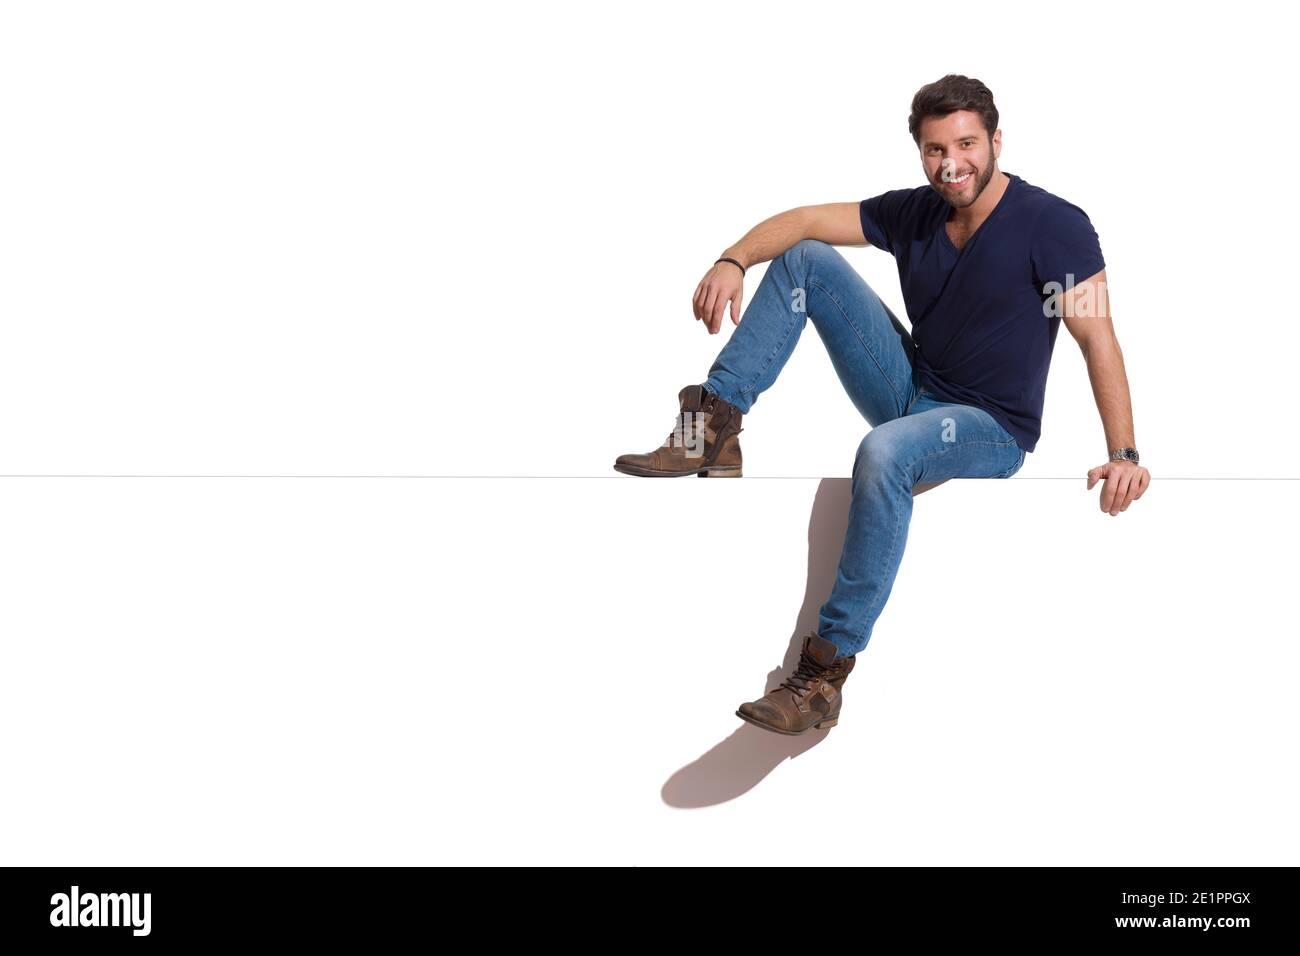 Jeune homme décontracté est assis détendu sur un sommet, regardant l'appareil photo et souriant. Prise de vue en studio sur toute la longueur isolée sur blanc. Banque D'Images